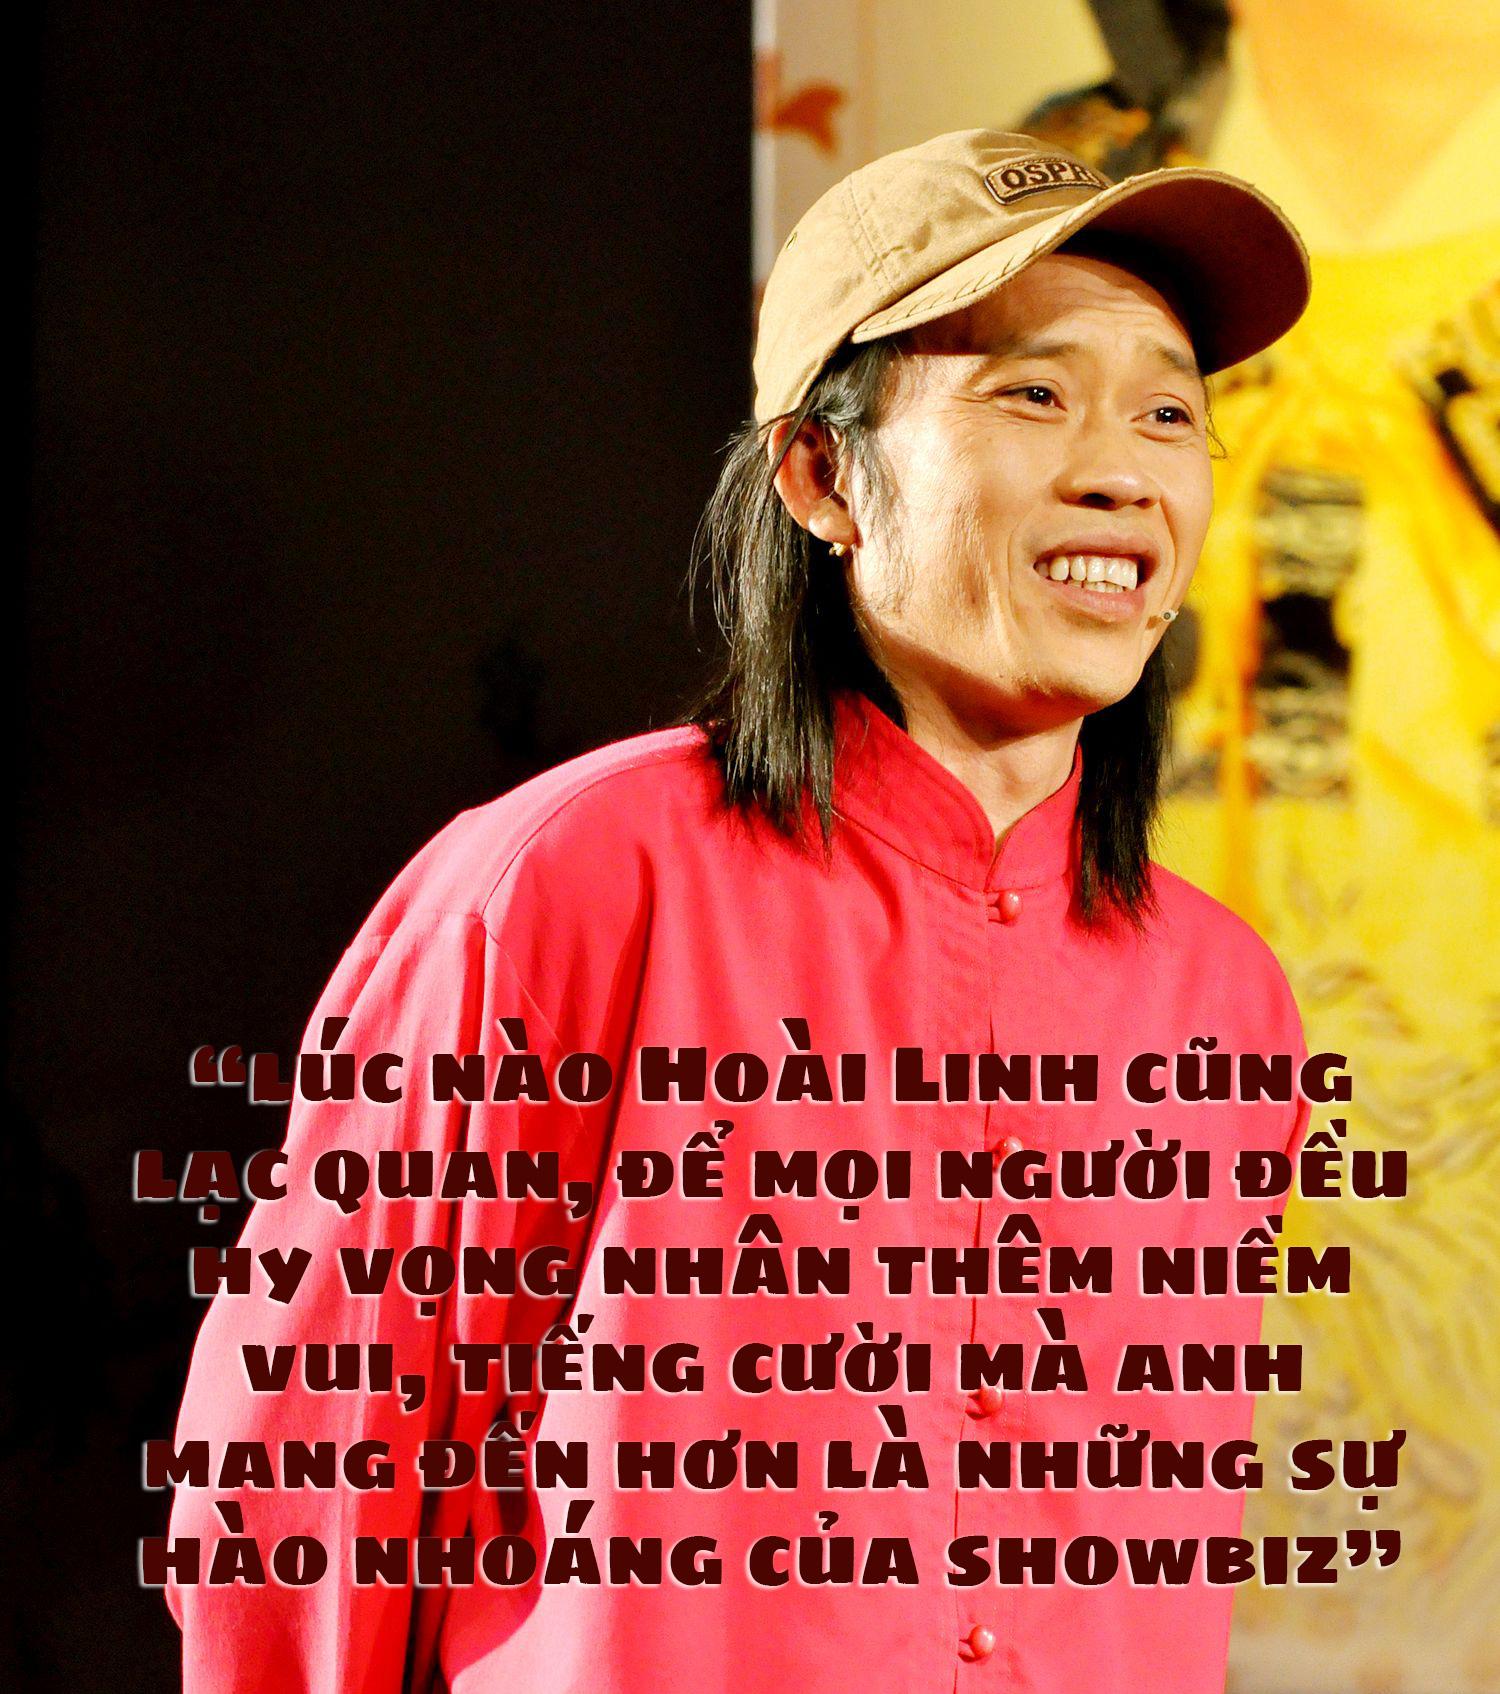 [eMagazine] NSƯT Hoài Linh: Biểu tượng của làng hài Việt - Ảnh 3.